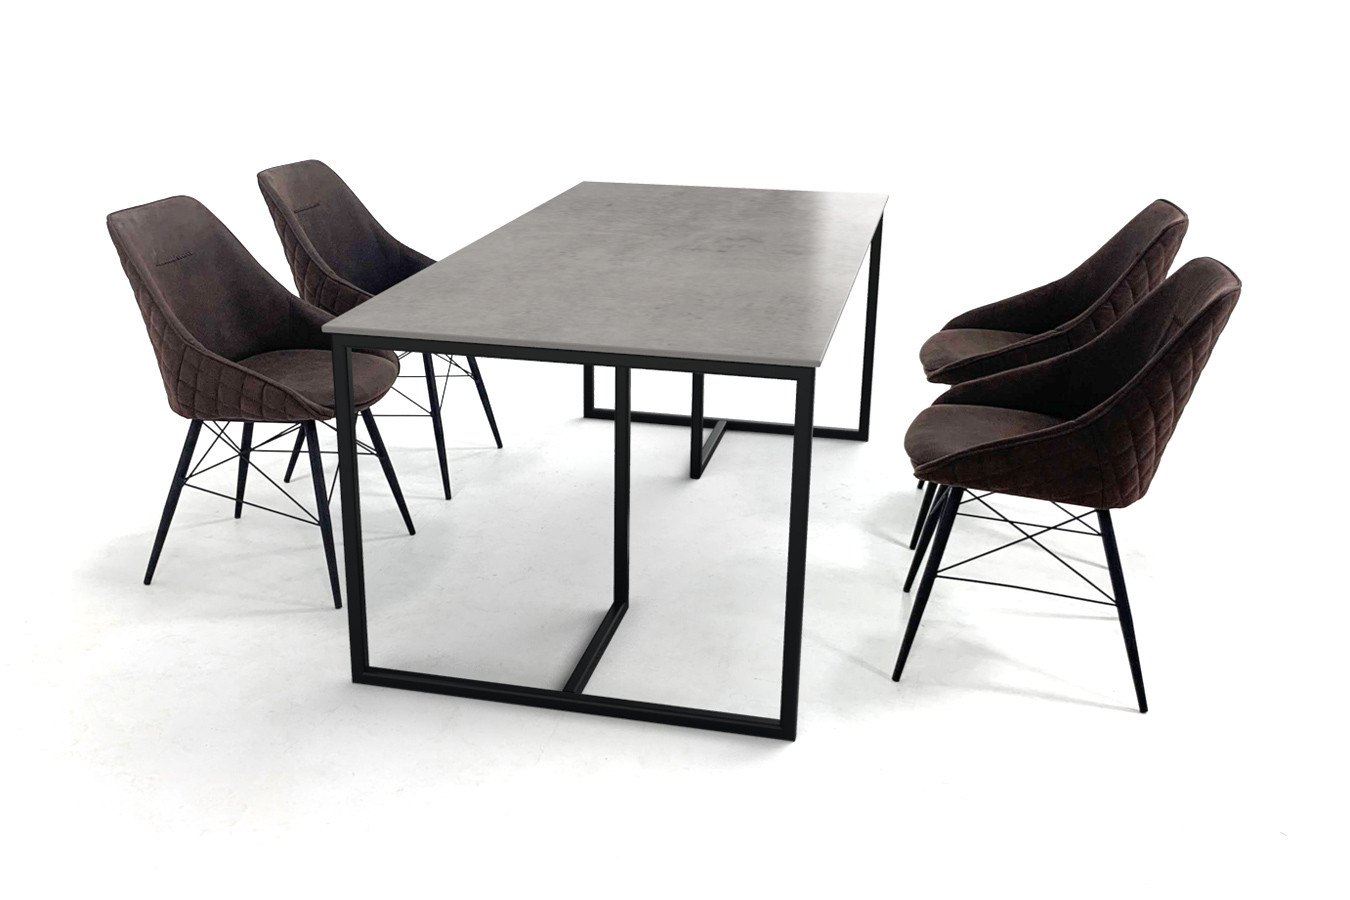 Keramische eettafel met Scandinavisch design onderstel en smalle eetkamerstoelen